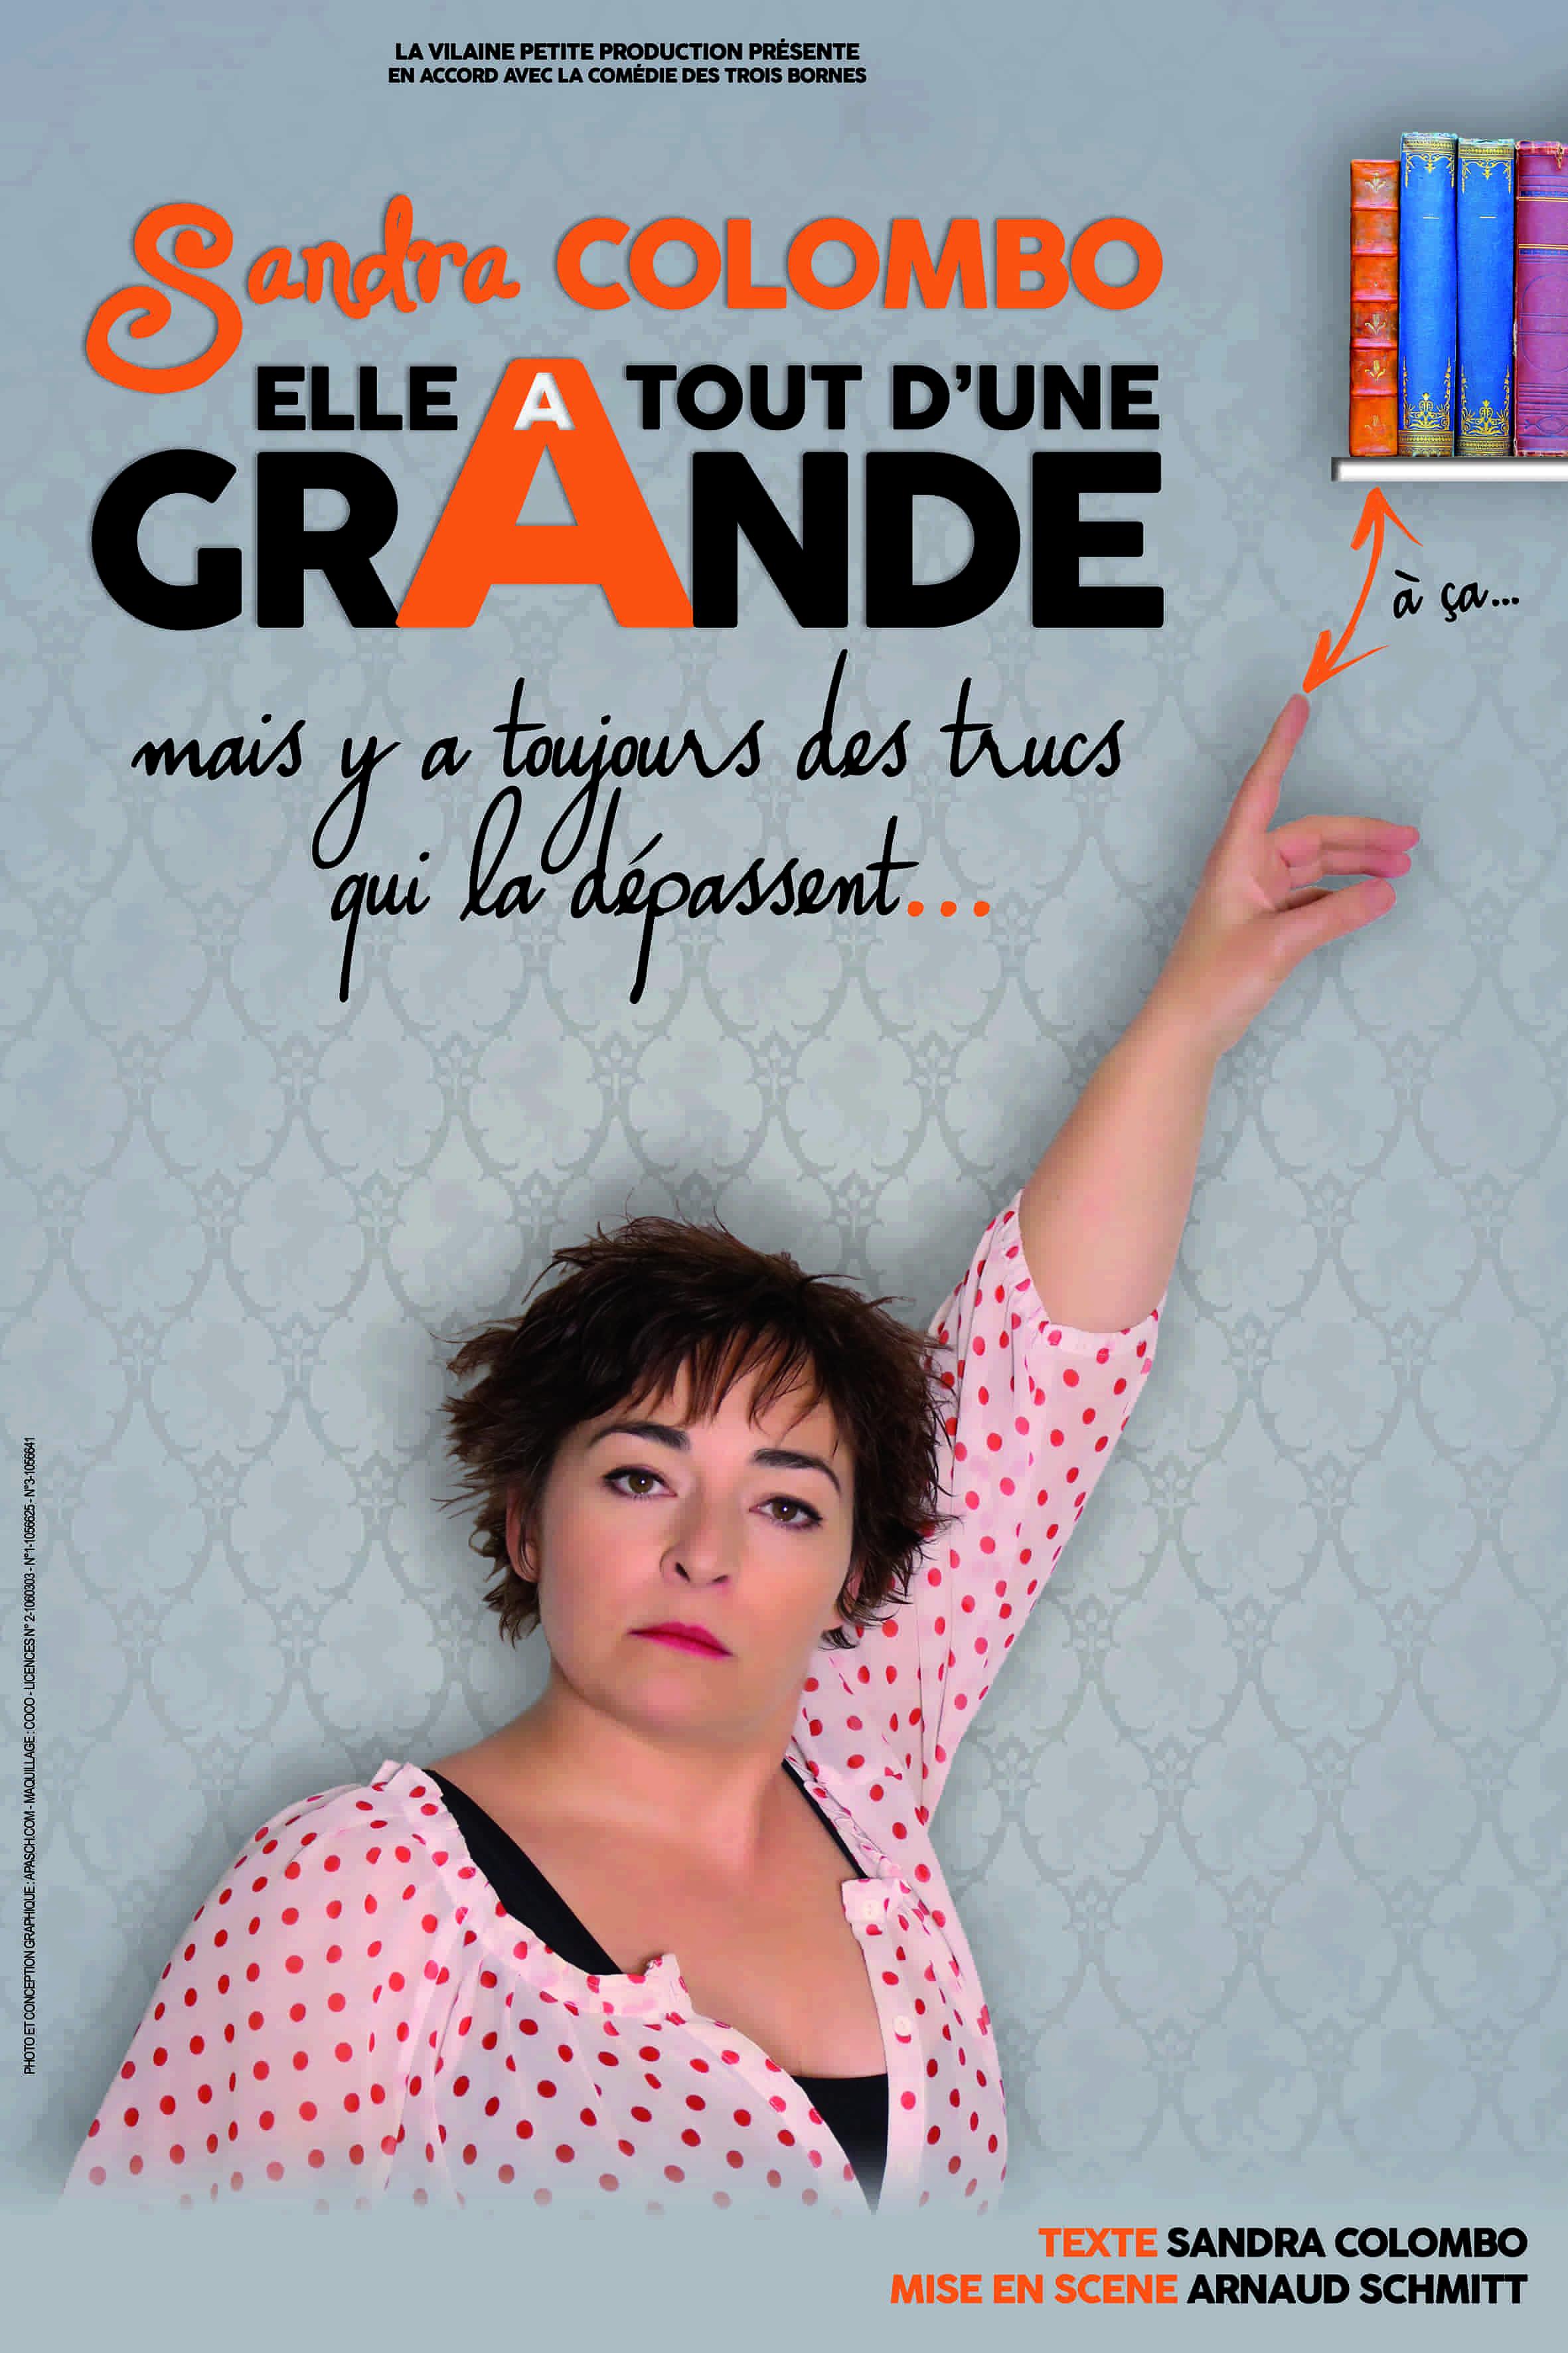 Affiche Sandra-colombo - Elle a tout d'un grande - one woman show - Art Dû - 13006